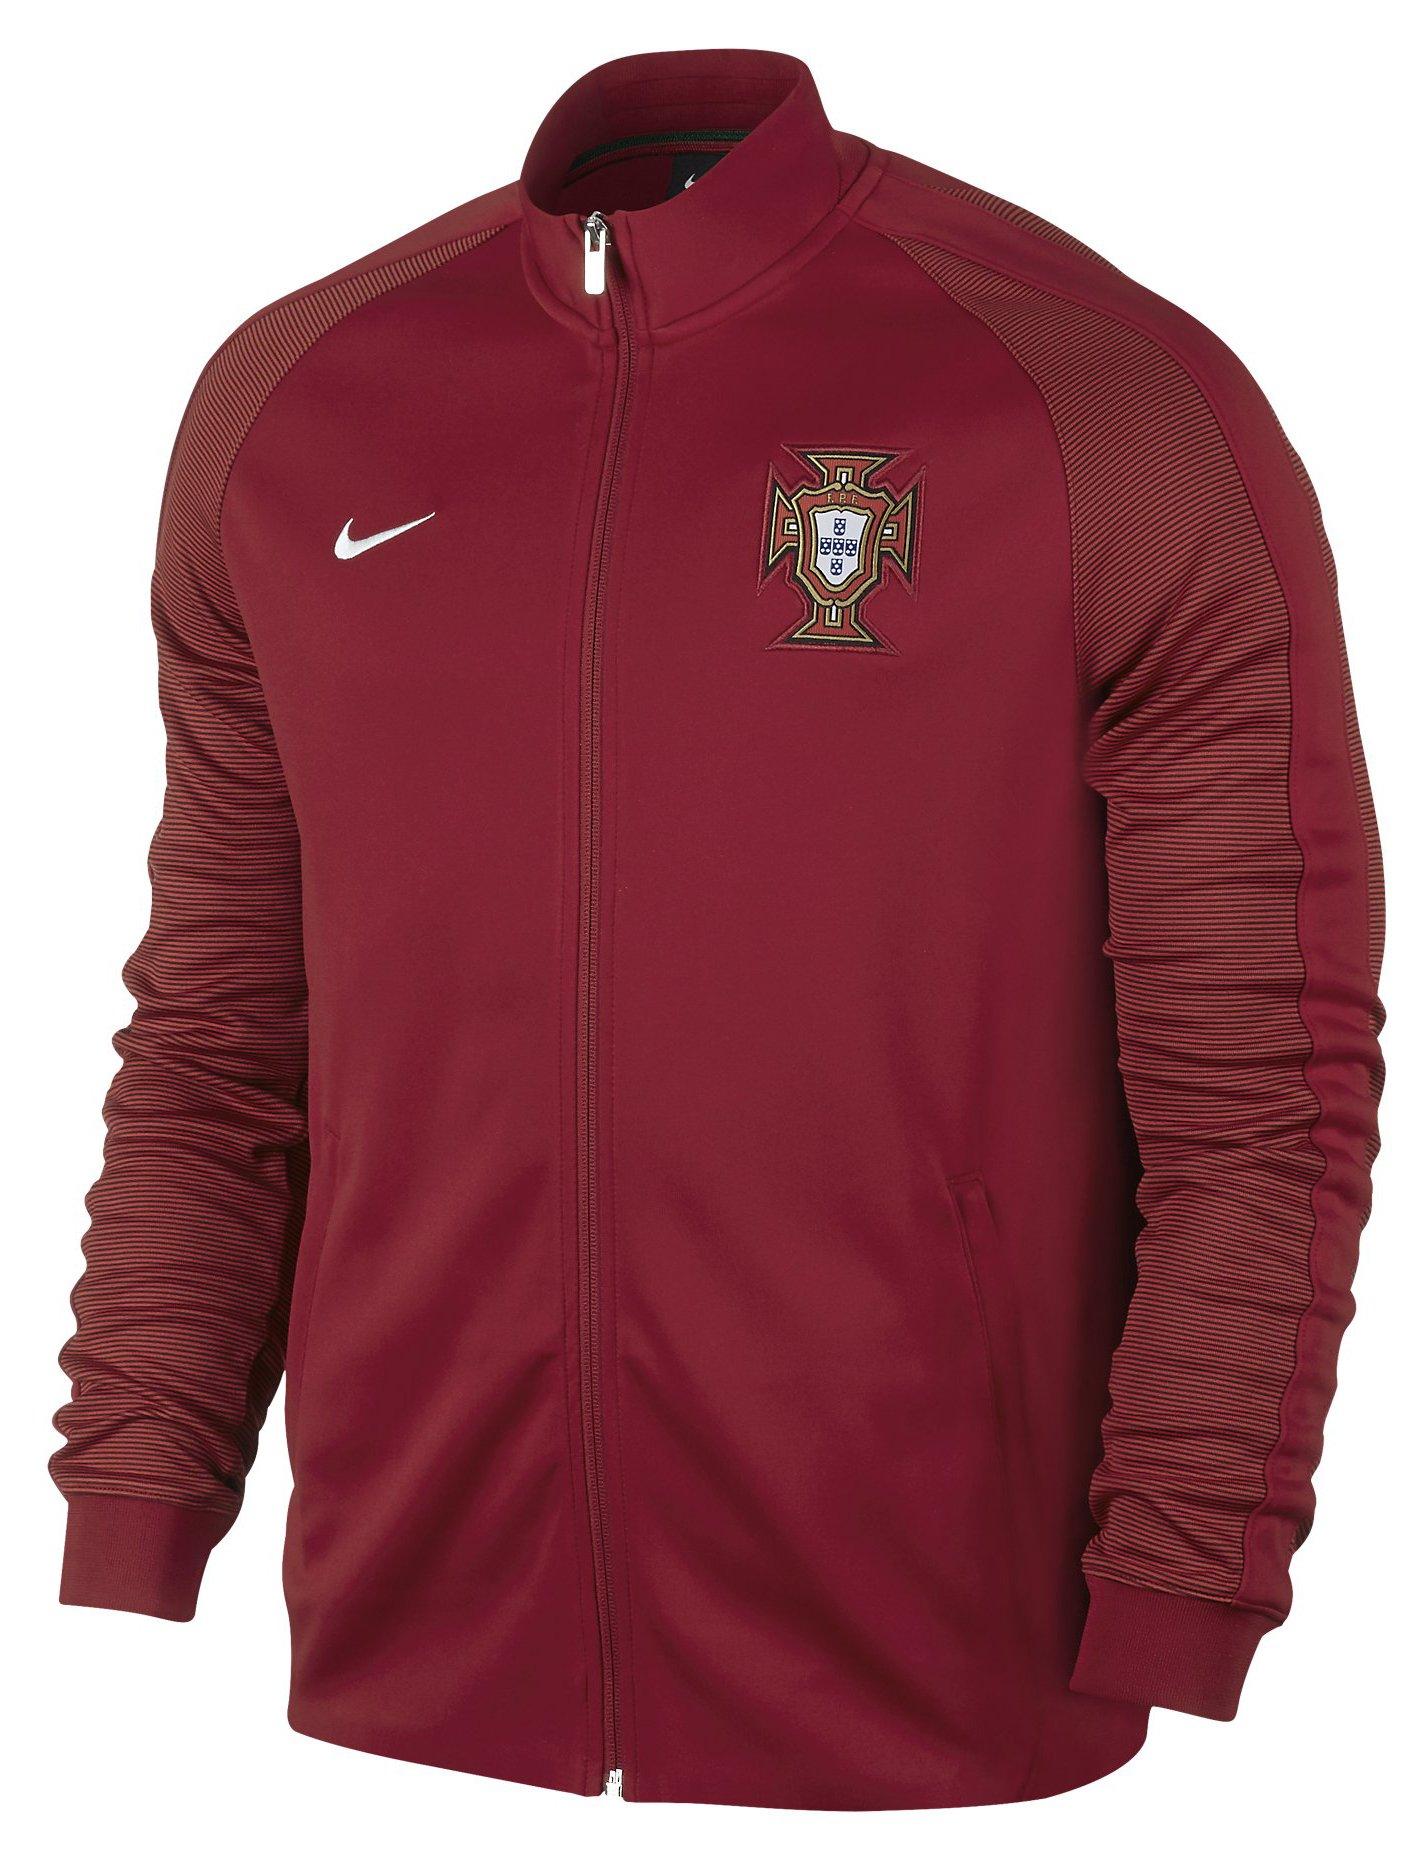 Bunda Nike FPF AUTH N98 TRK JKT